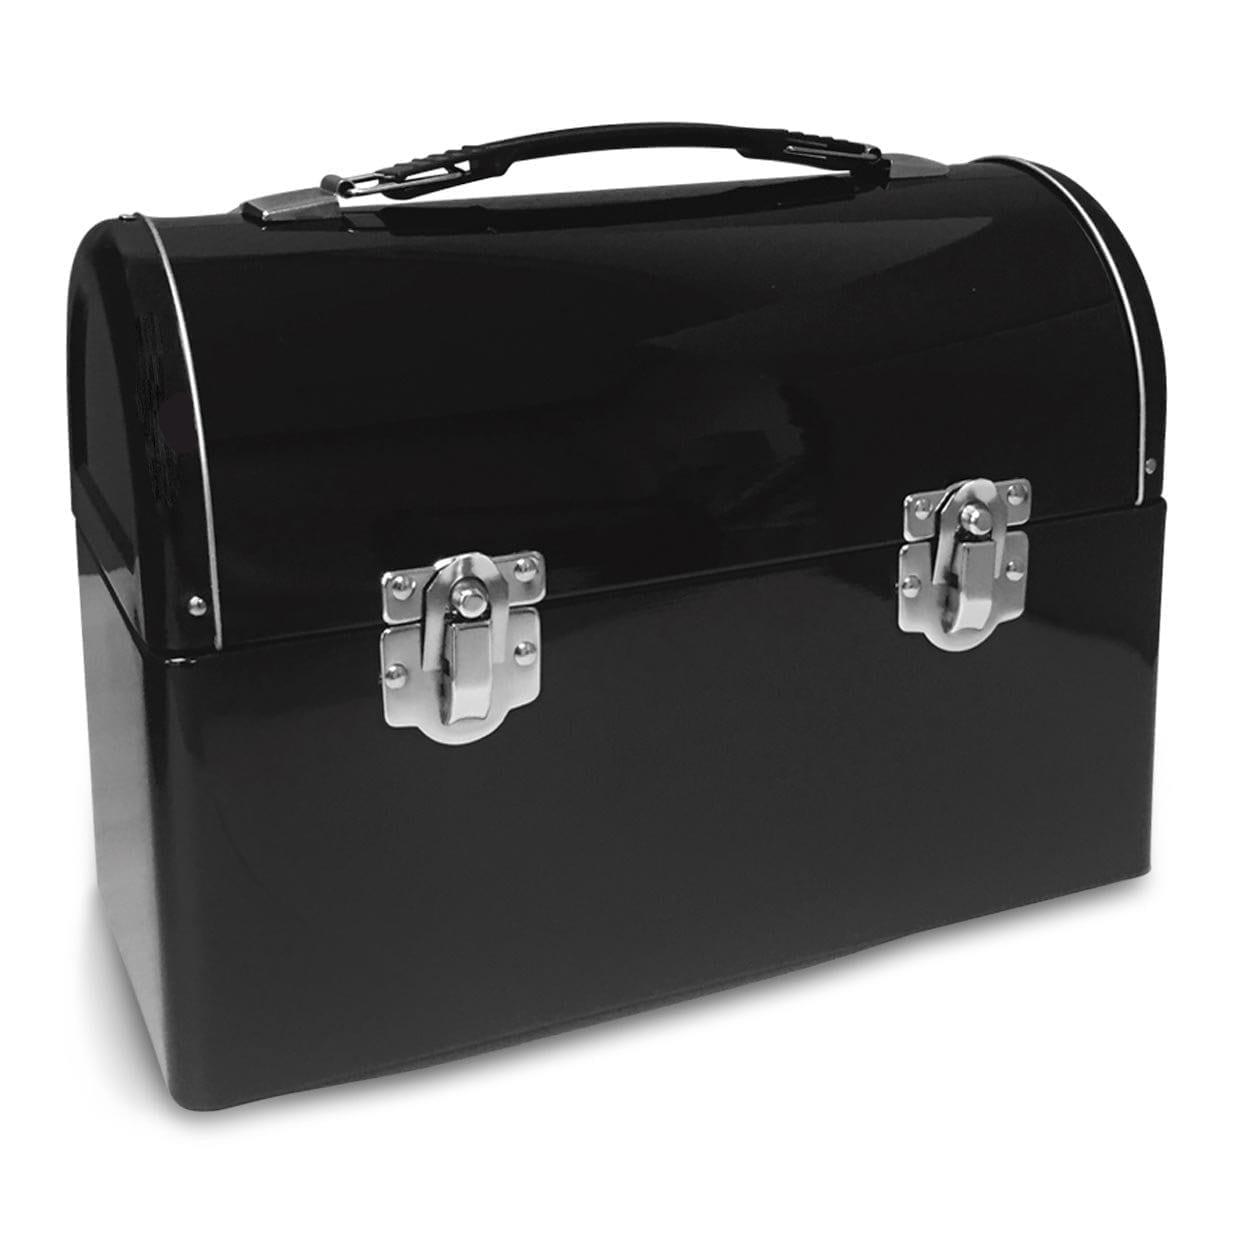 Plain Metal Dome Lunch Box - B00HRCXFTW